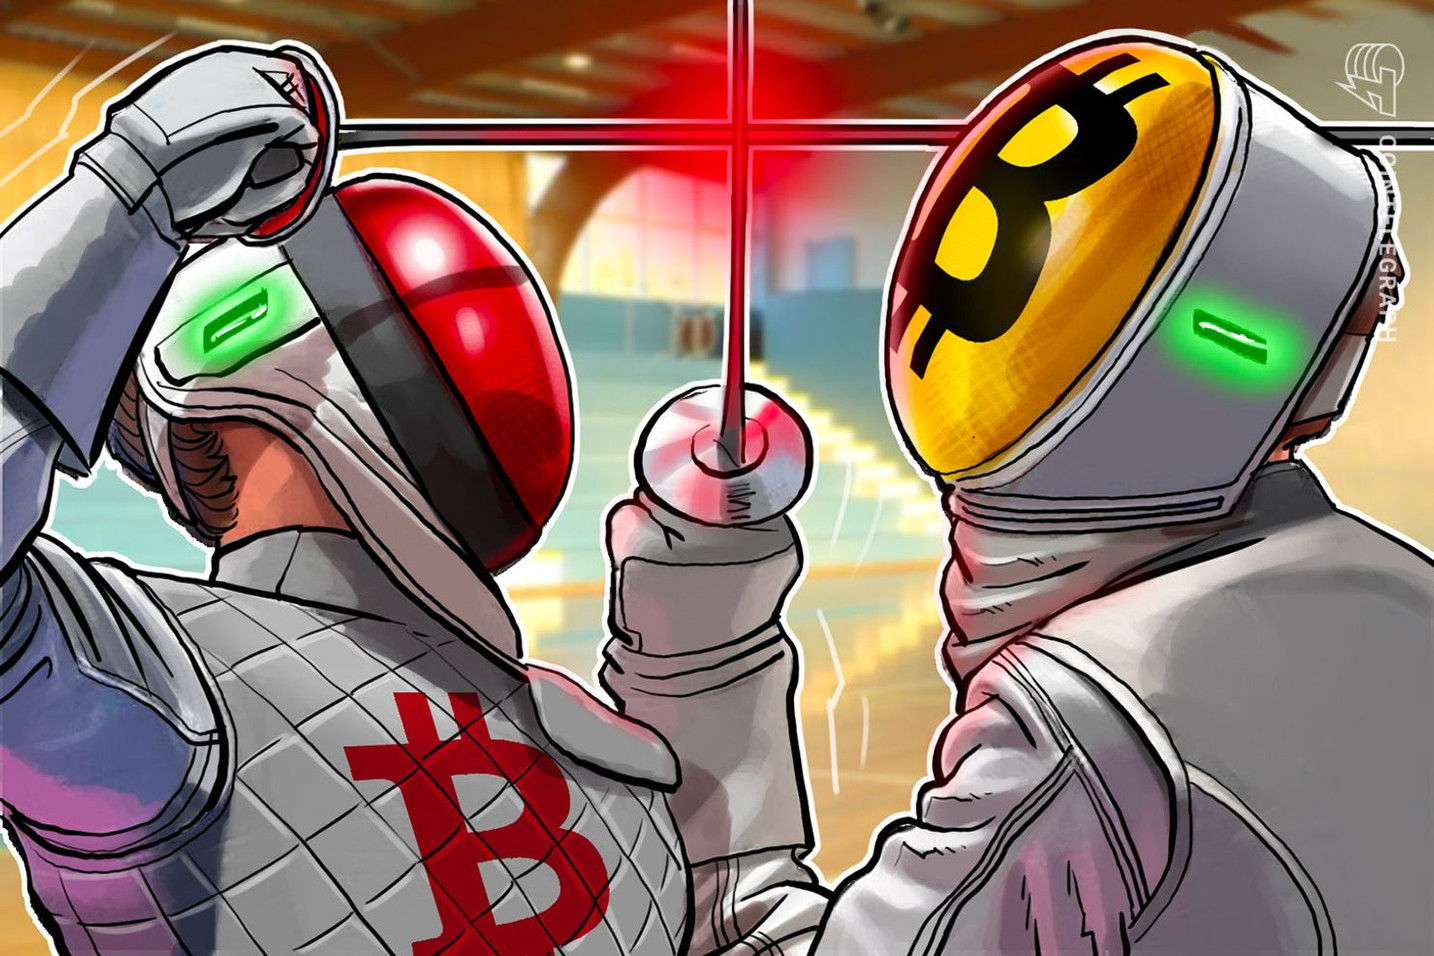 【速報】ビットコインSV、100%超の爆騰 時価総額でビットコインキャッシュを抜く【仮想通貨相場】